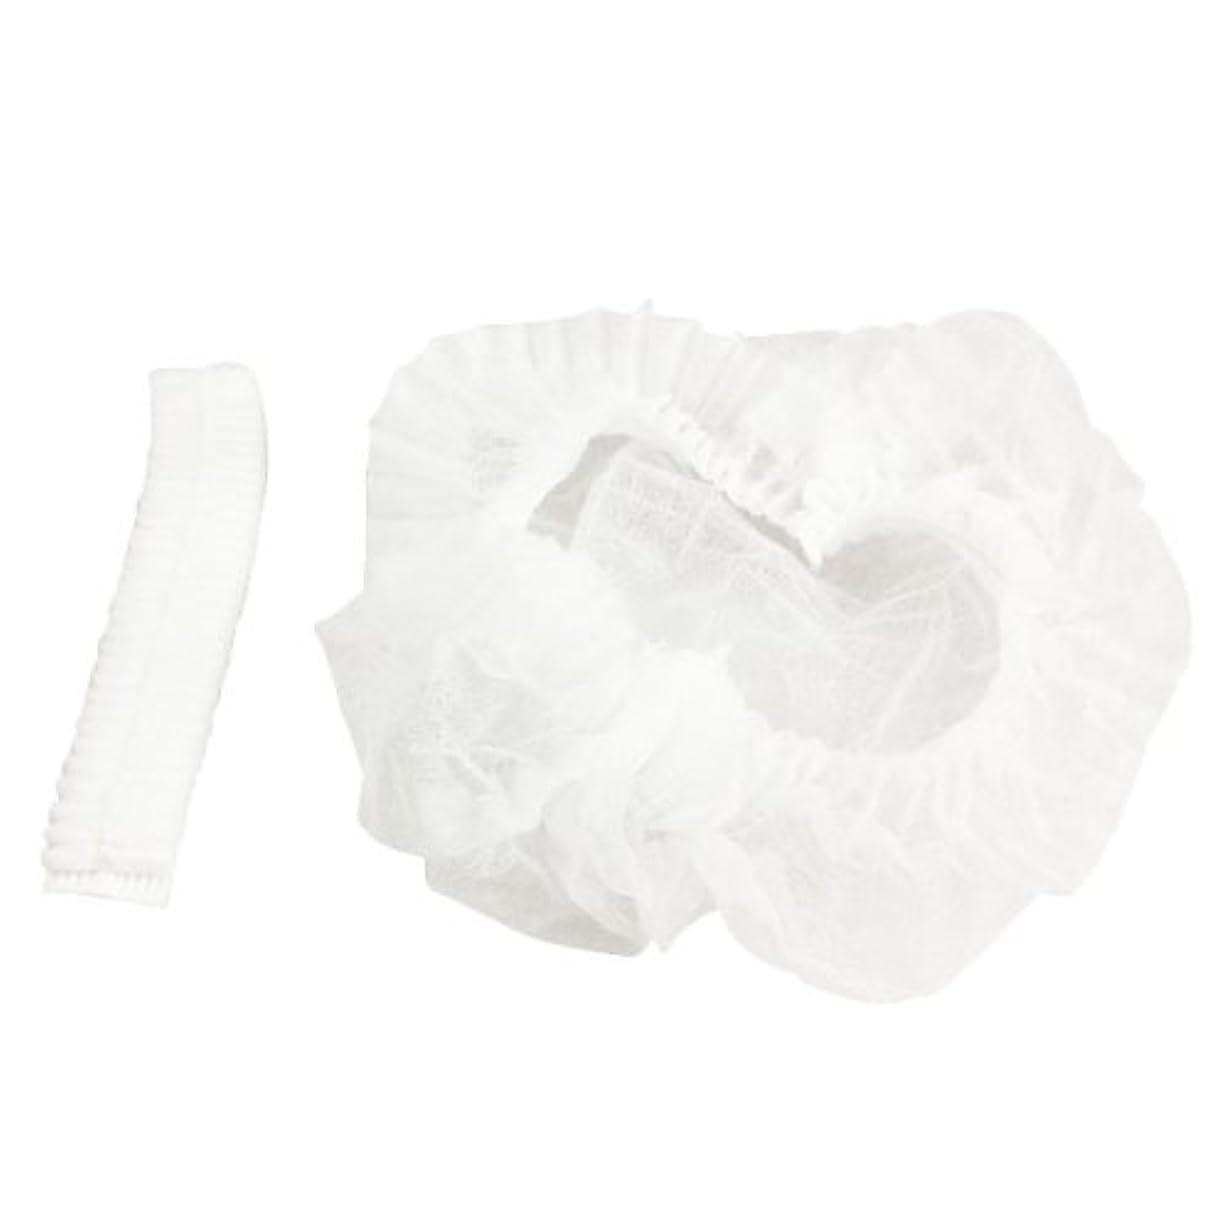 永久伝染病十不織布シャワーキャップ シャワーキャップ 不織布キャップ 使い捨て フリーサイズ 調理帽子ネット 使い捨て帽子 100PCS 食品サービス、病院、研究所、製造業 白 Amiu